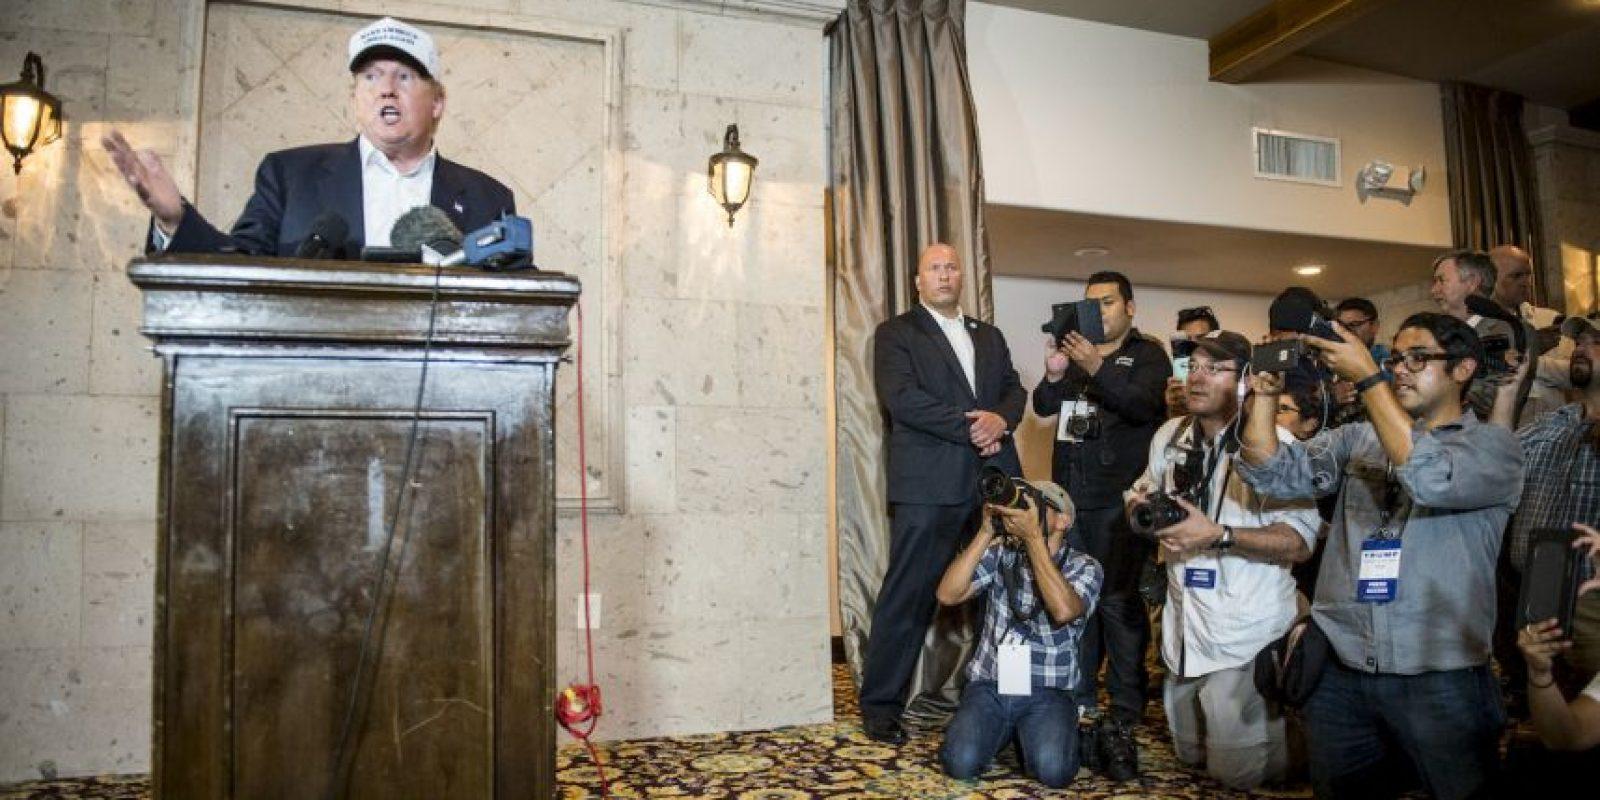 Le siguen el gobernador de Nueva Jersey, Christopher Christie, con un 15 por ciento y Jeb Bush con un 14 por ciento. Foto:Getty Images